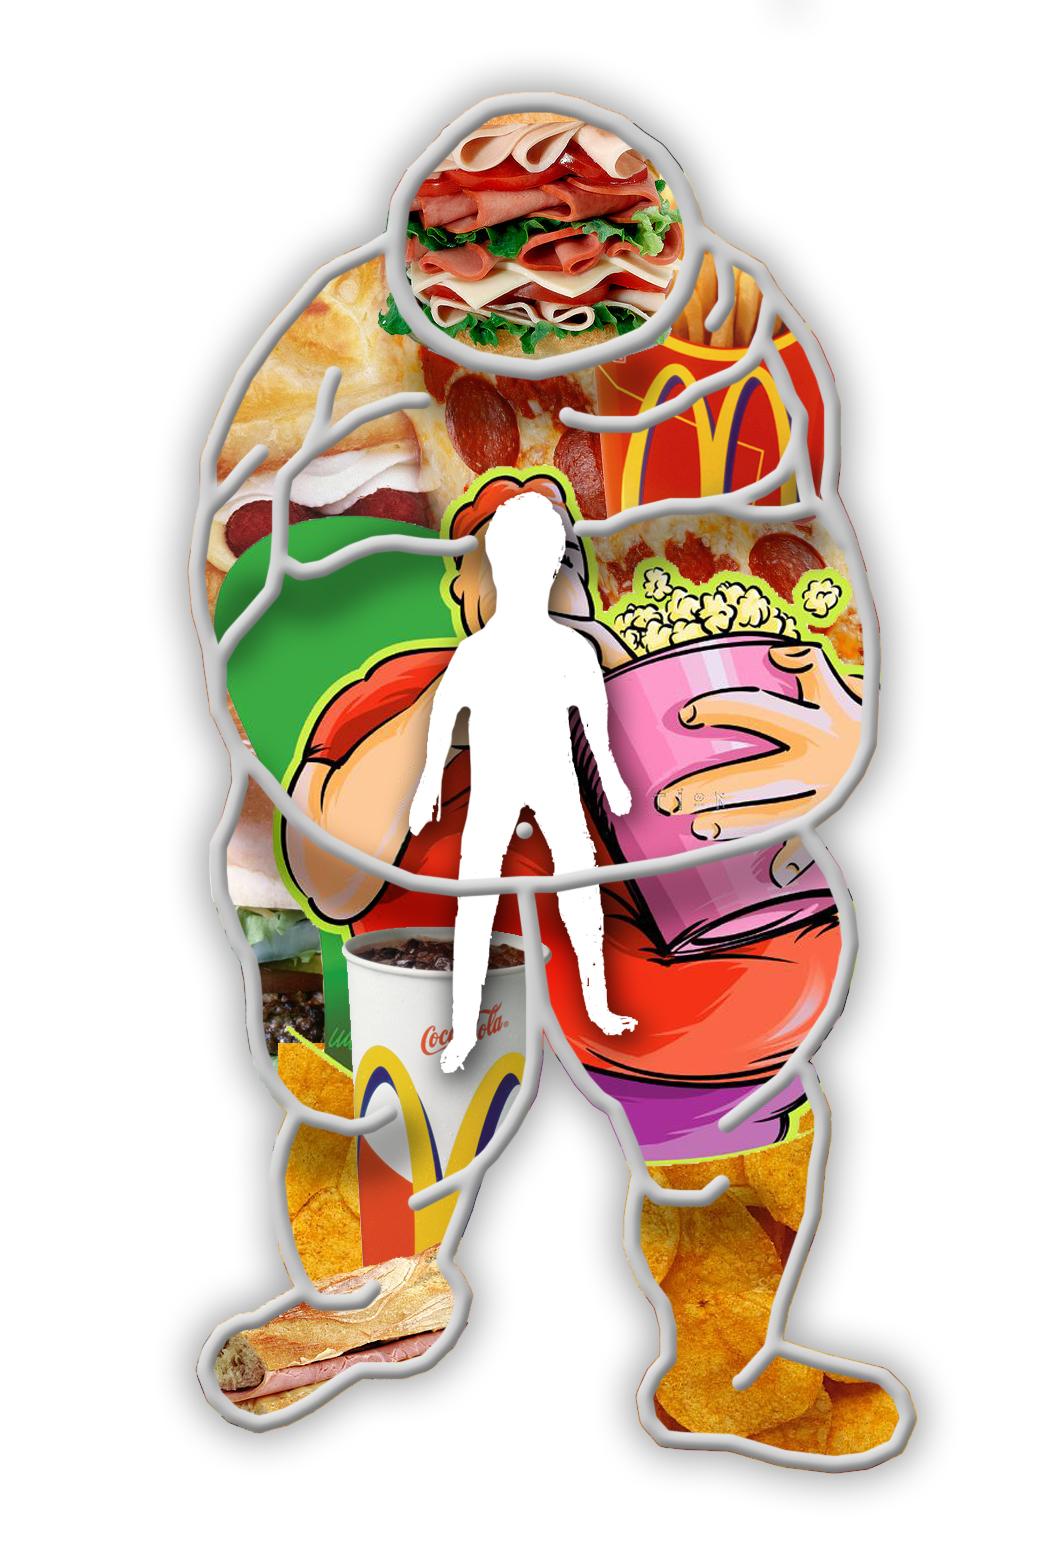 Cirugías como tratamientos contra la obesidad